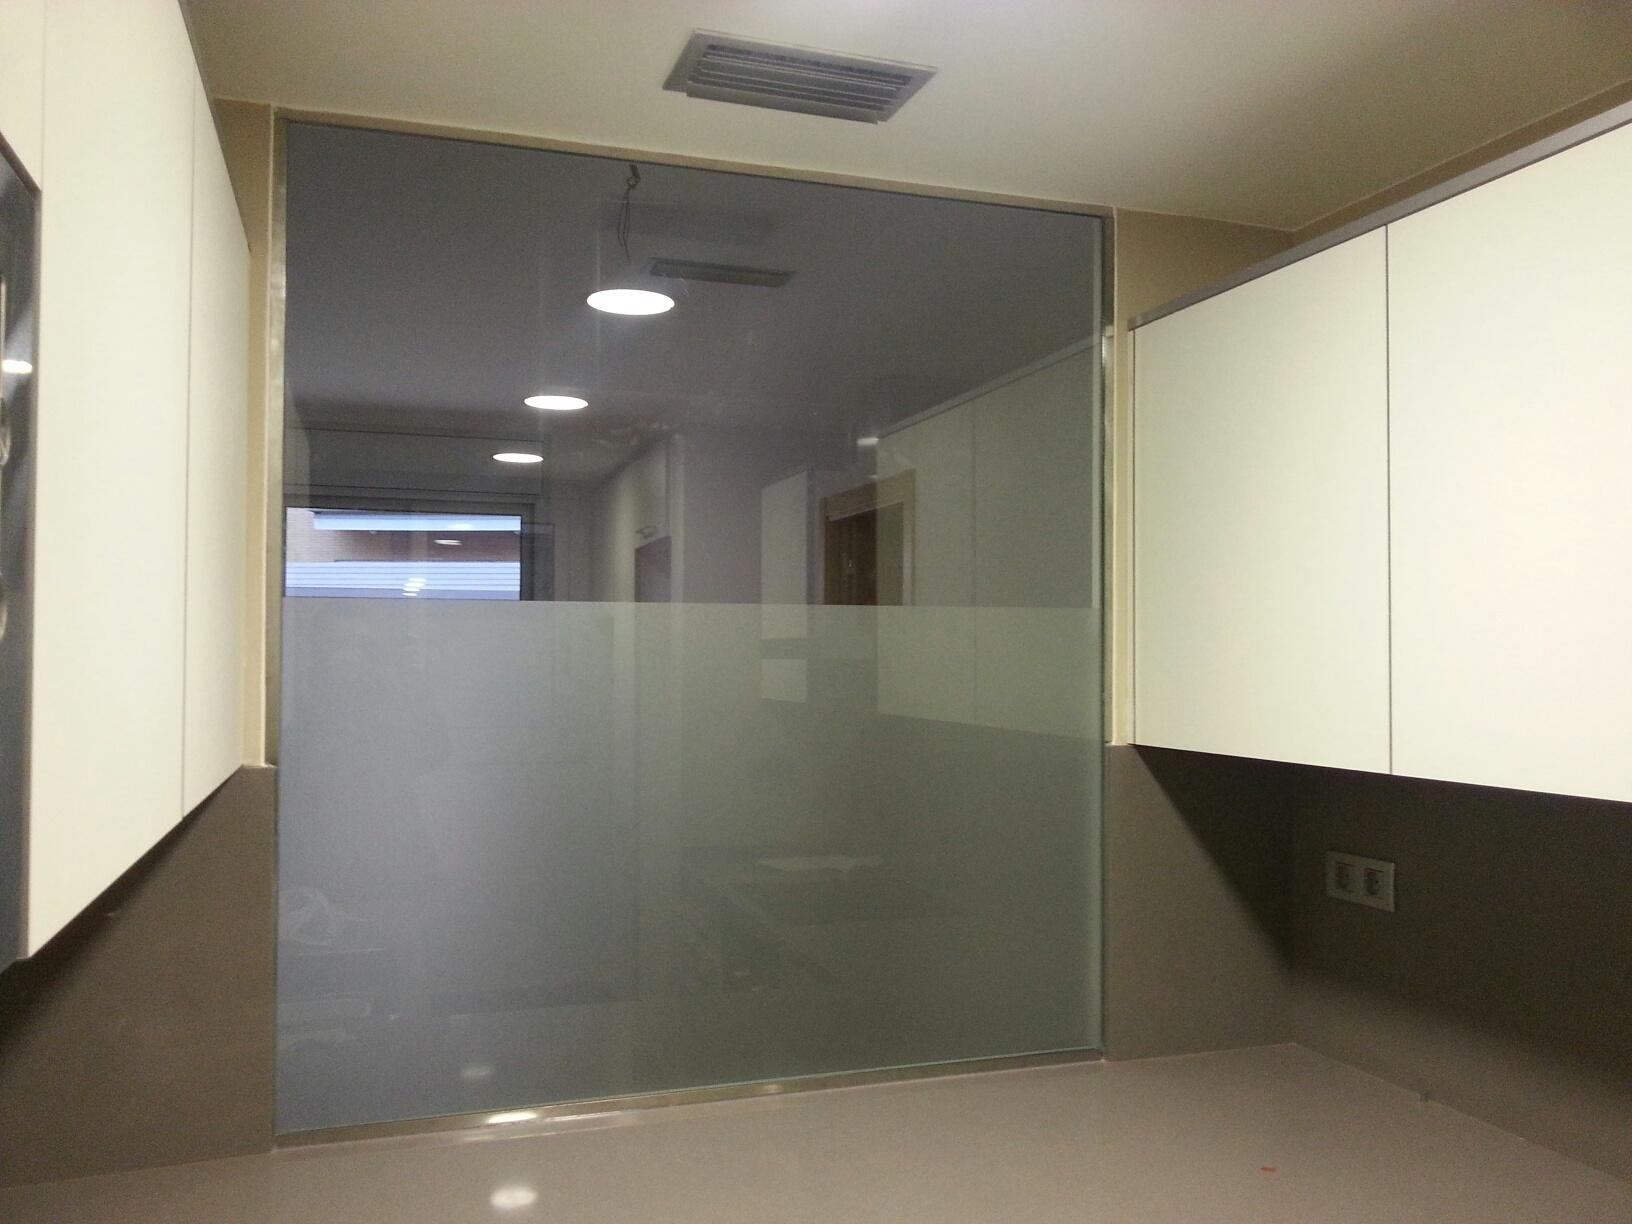 divisi n de vidrio en una cocina americana en un piso en